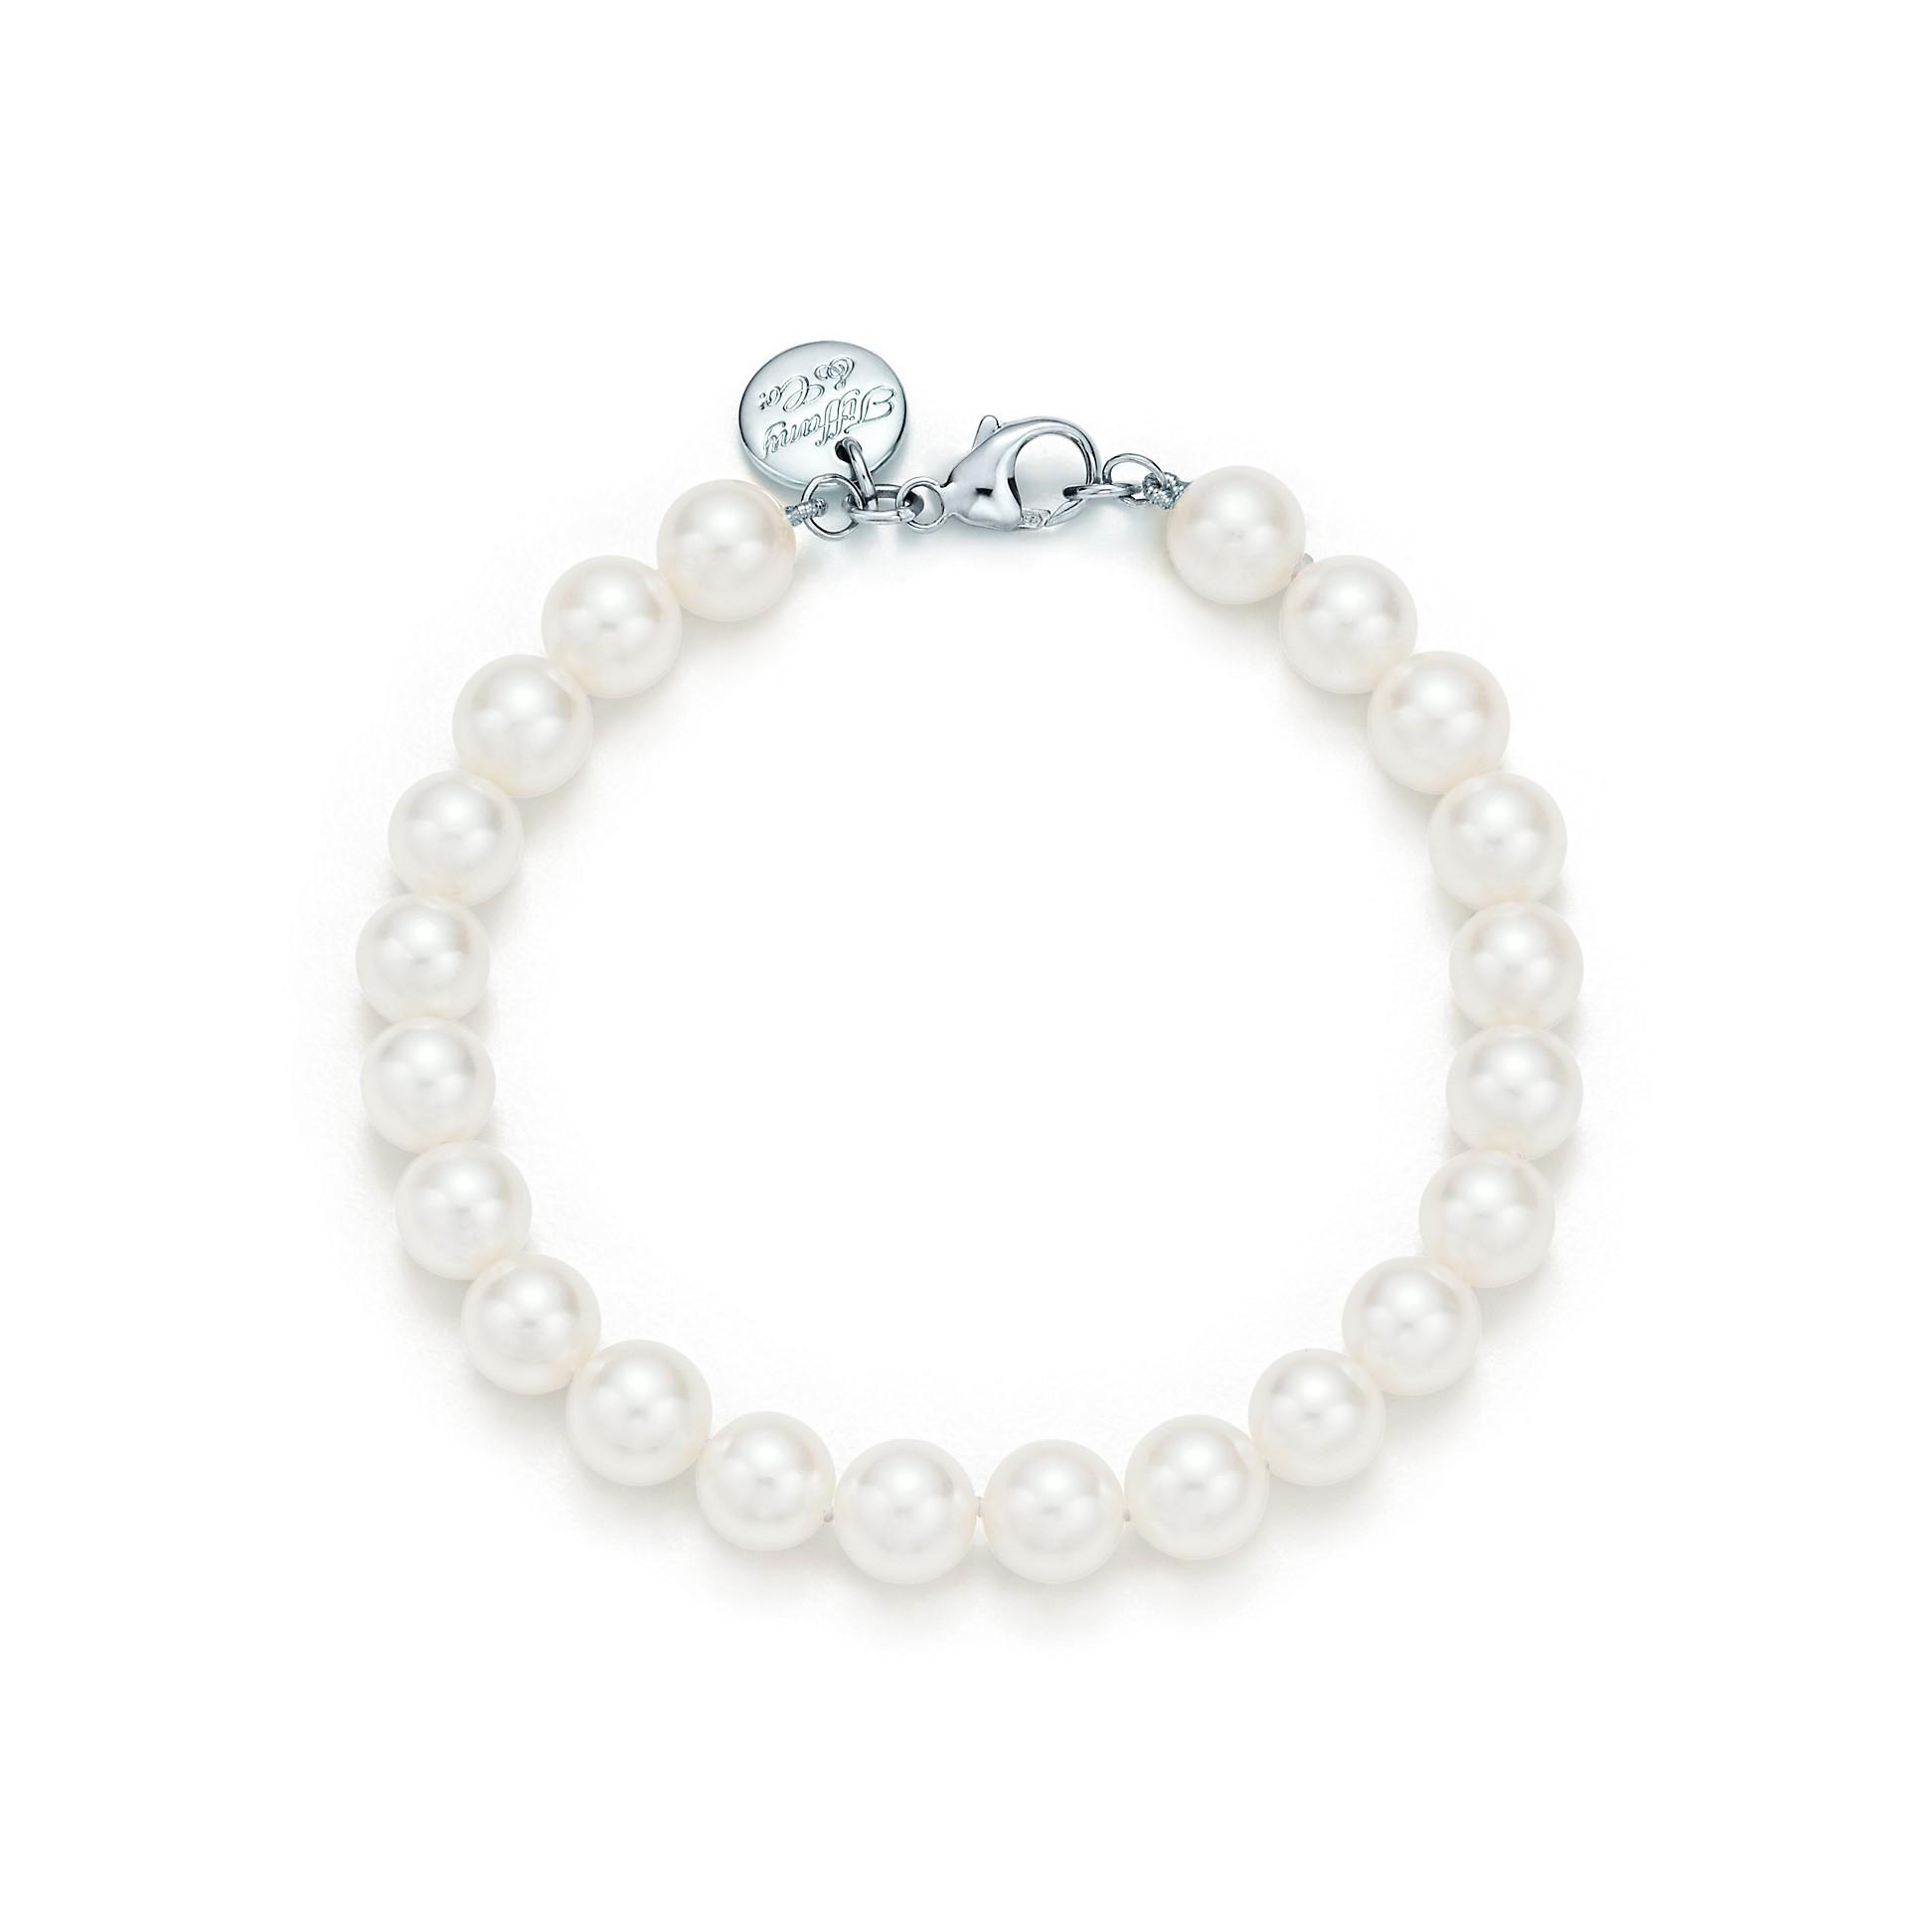 Tiffany Essential Pearls        Bracelet by Tiffany Essential Pearls